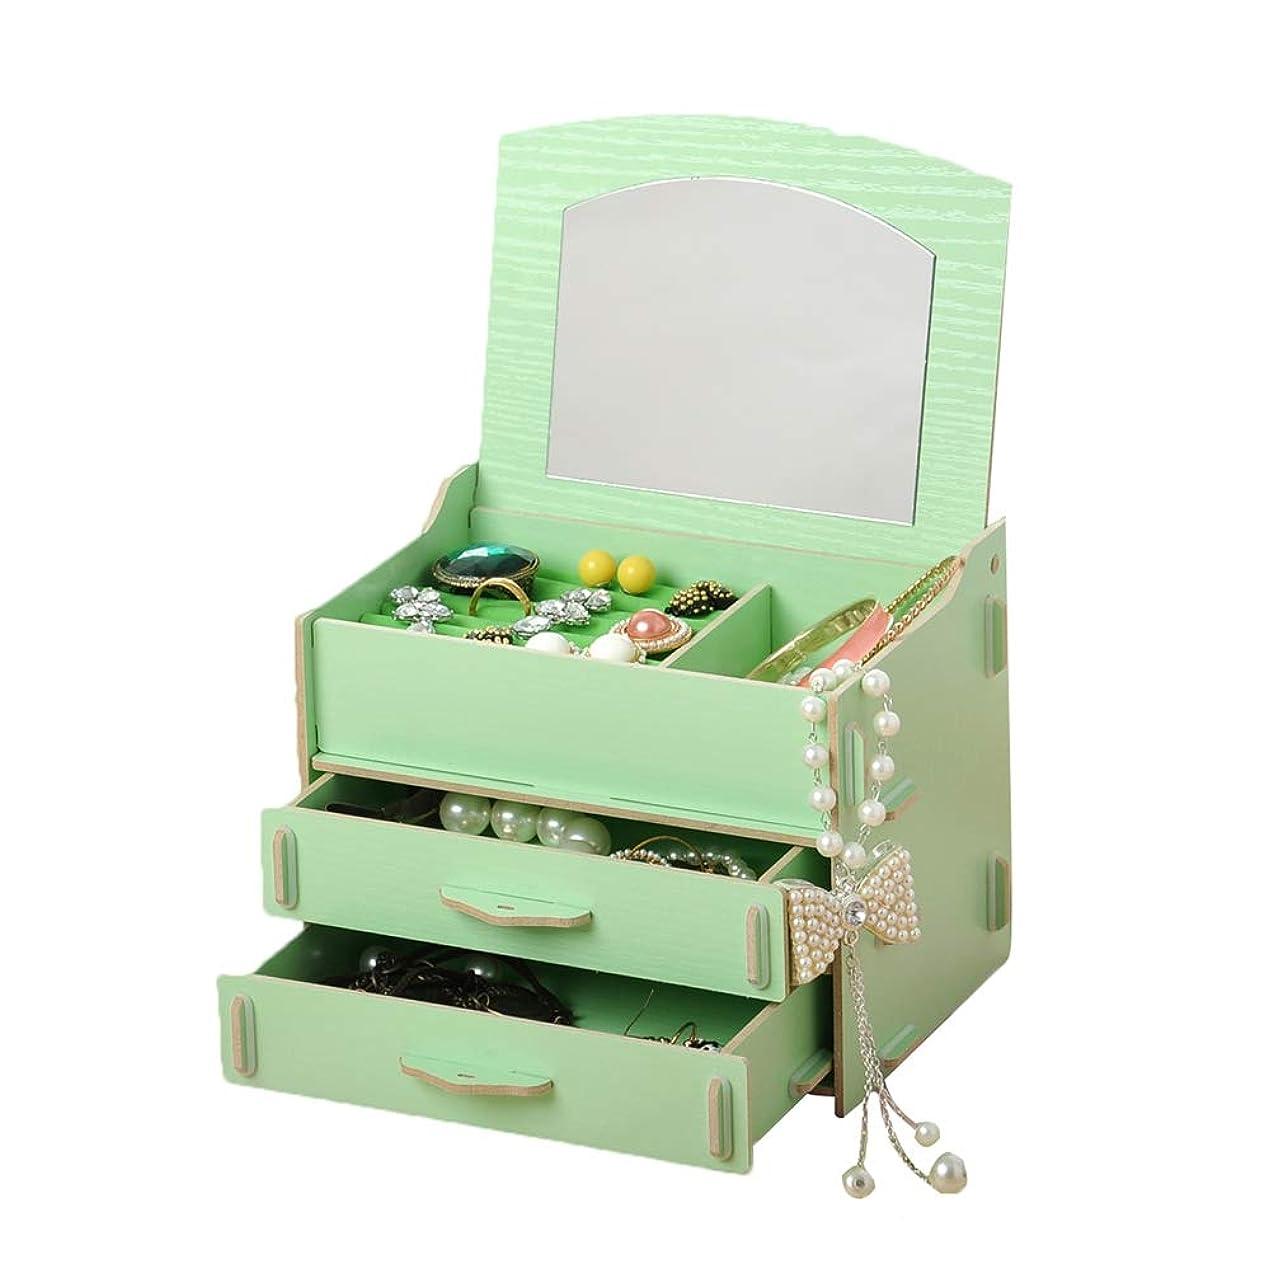 構造的オートマトンカテナ化粧ボックス コスメ収納 引き出し ふた付き 鏡付き イヤリング 小物 大容量 おしゃれ 木製 アクセサリーケース DIY ホーム 便利 組み立て 多機能 雑貨 コスメボックス 卓上収納 三段 グリーン